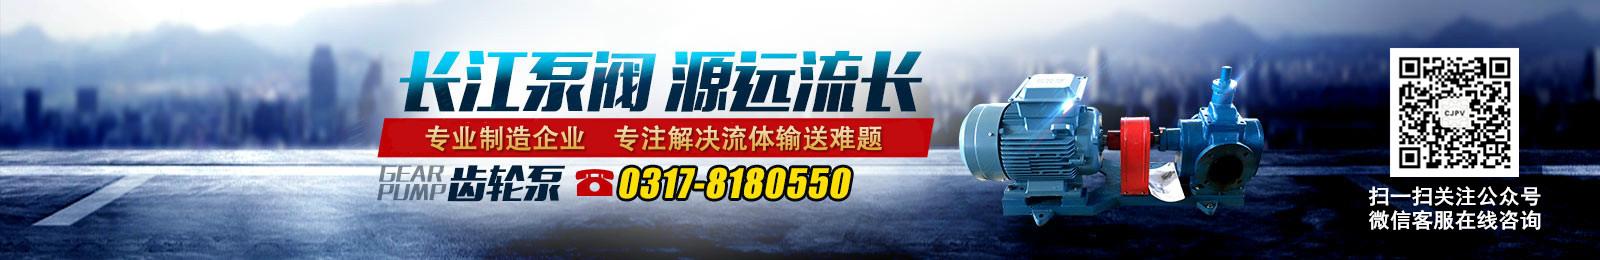 泊头市长江泵阀制造有限责任公司